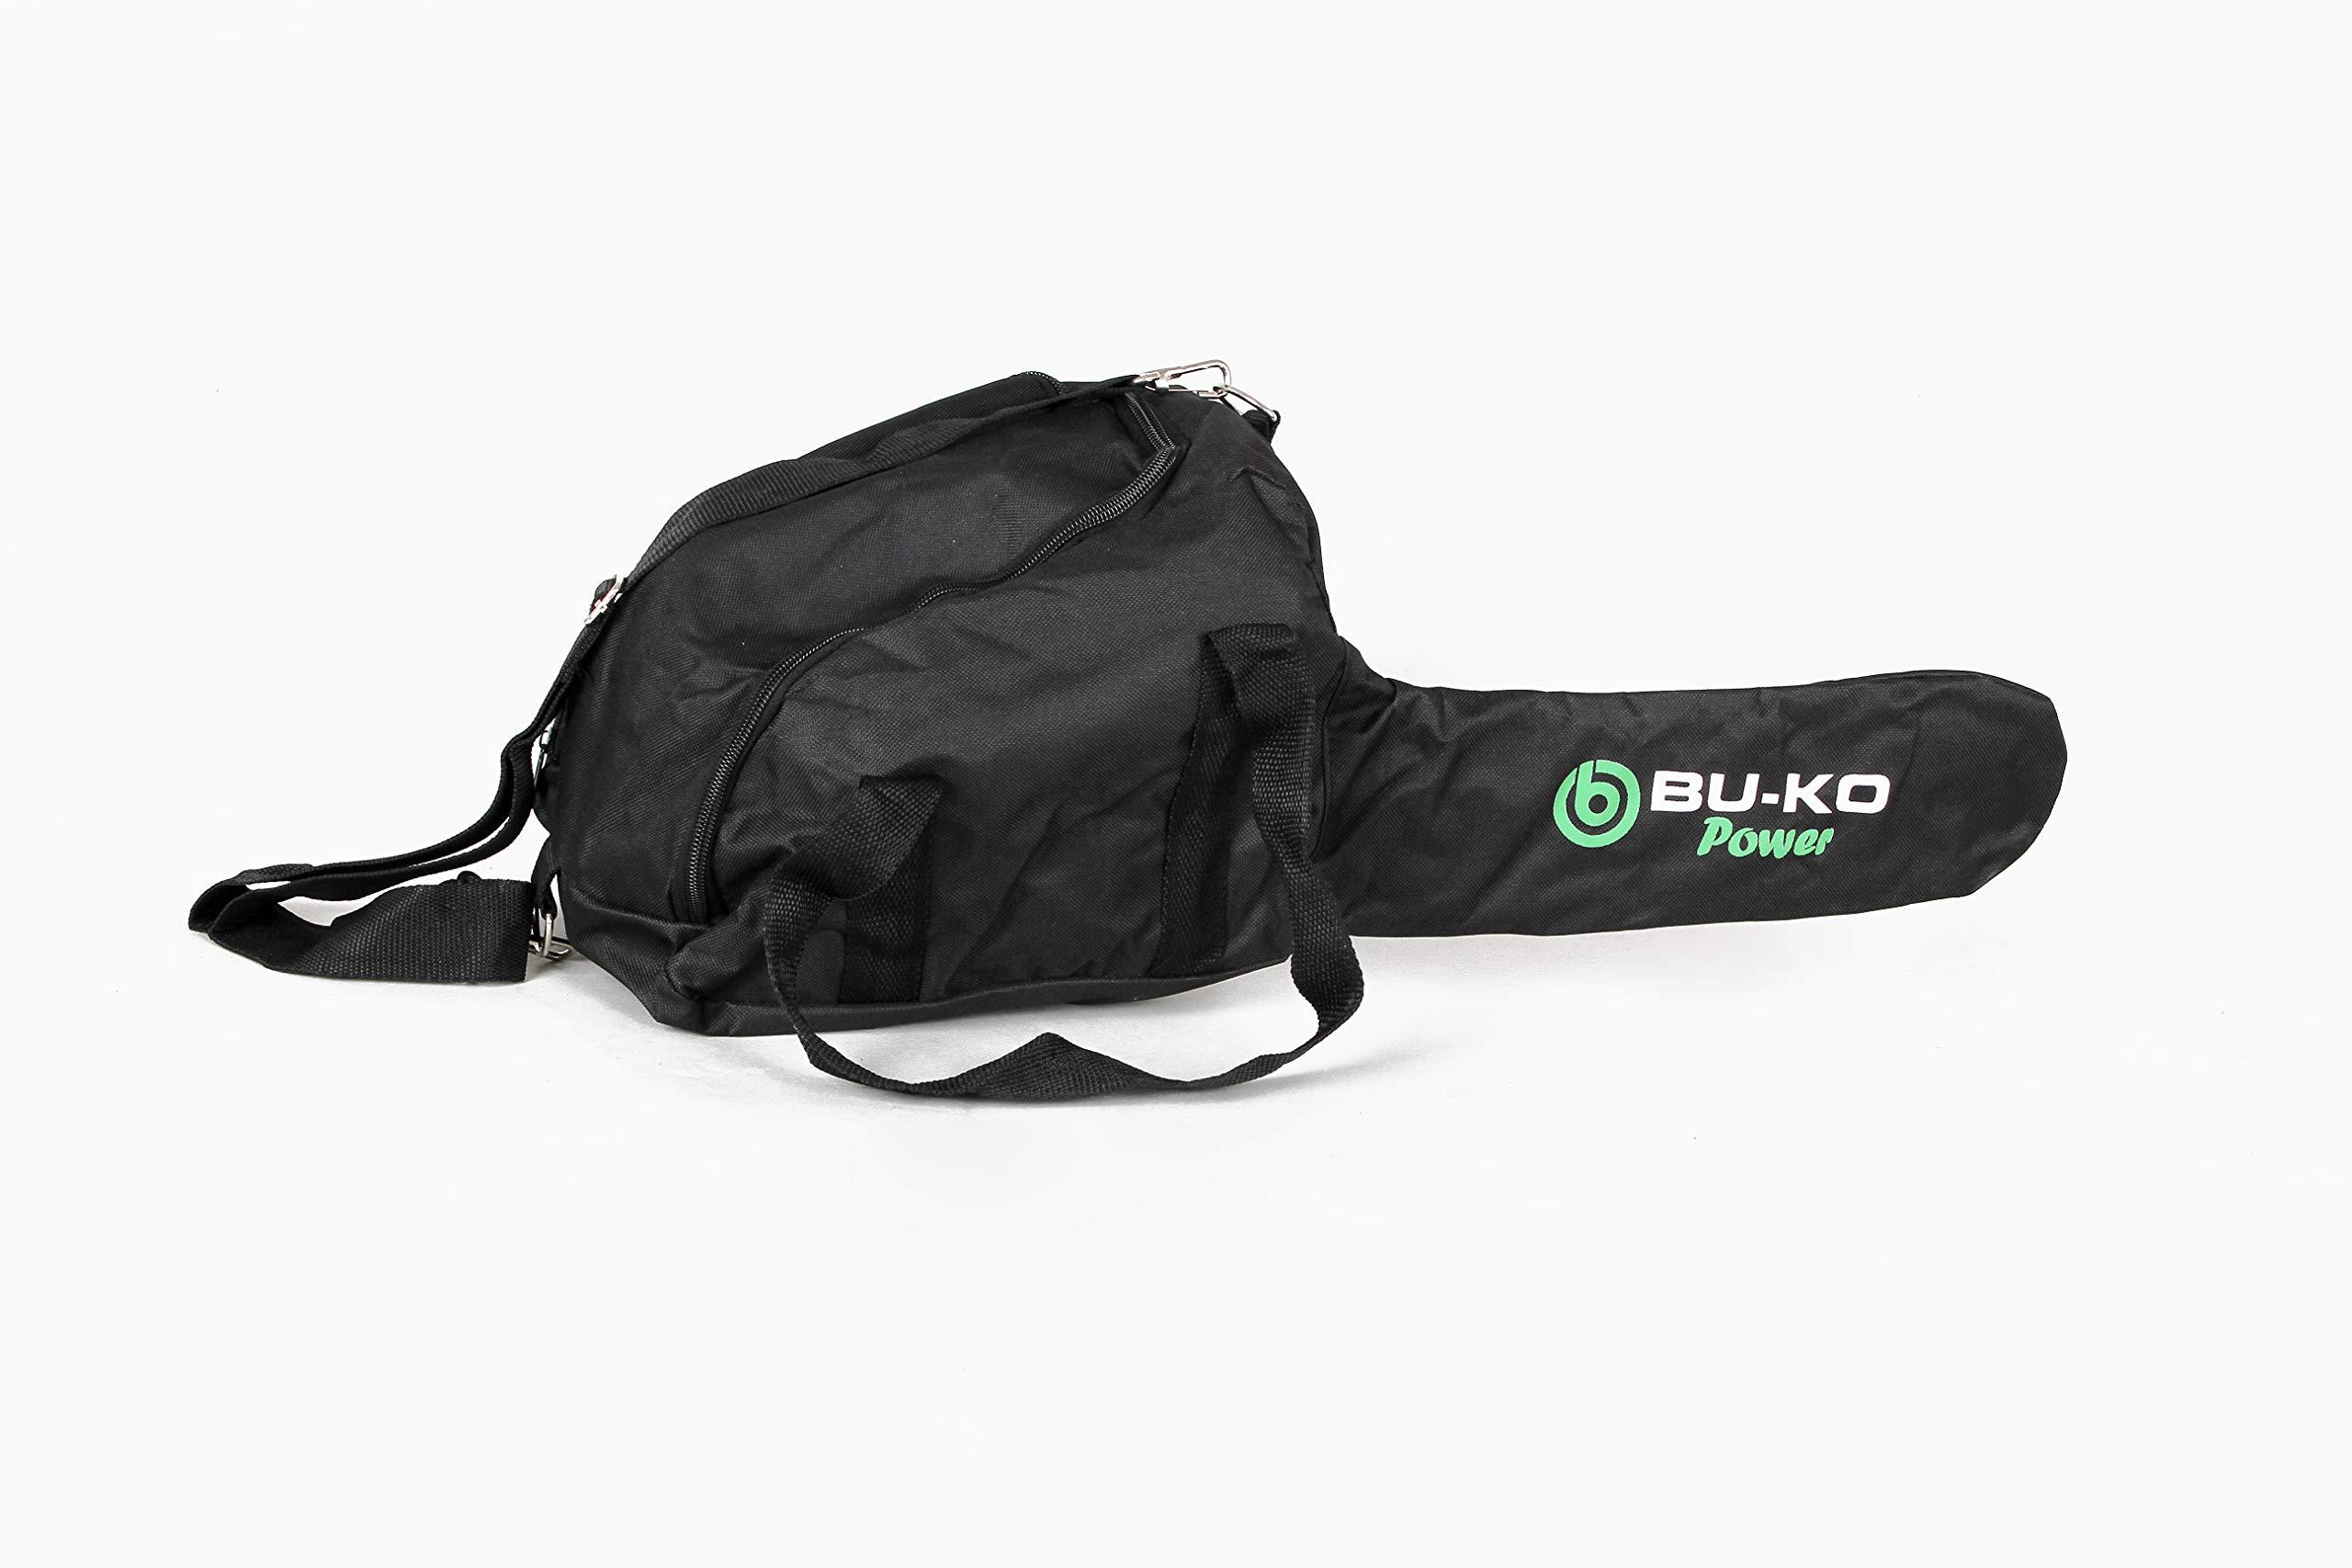 BU-KO-Leichte-Benzinkettensge-Ketten-und-Bar-inklusive-Cover-Bag-und-vollstndige-Sicherheitsausrstung